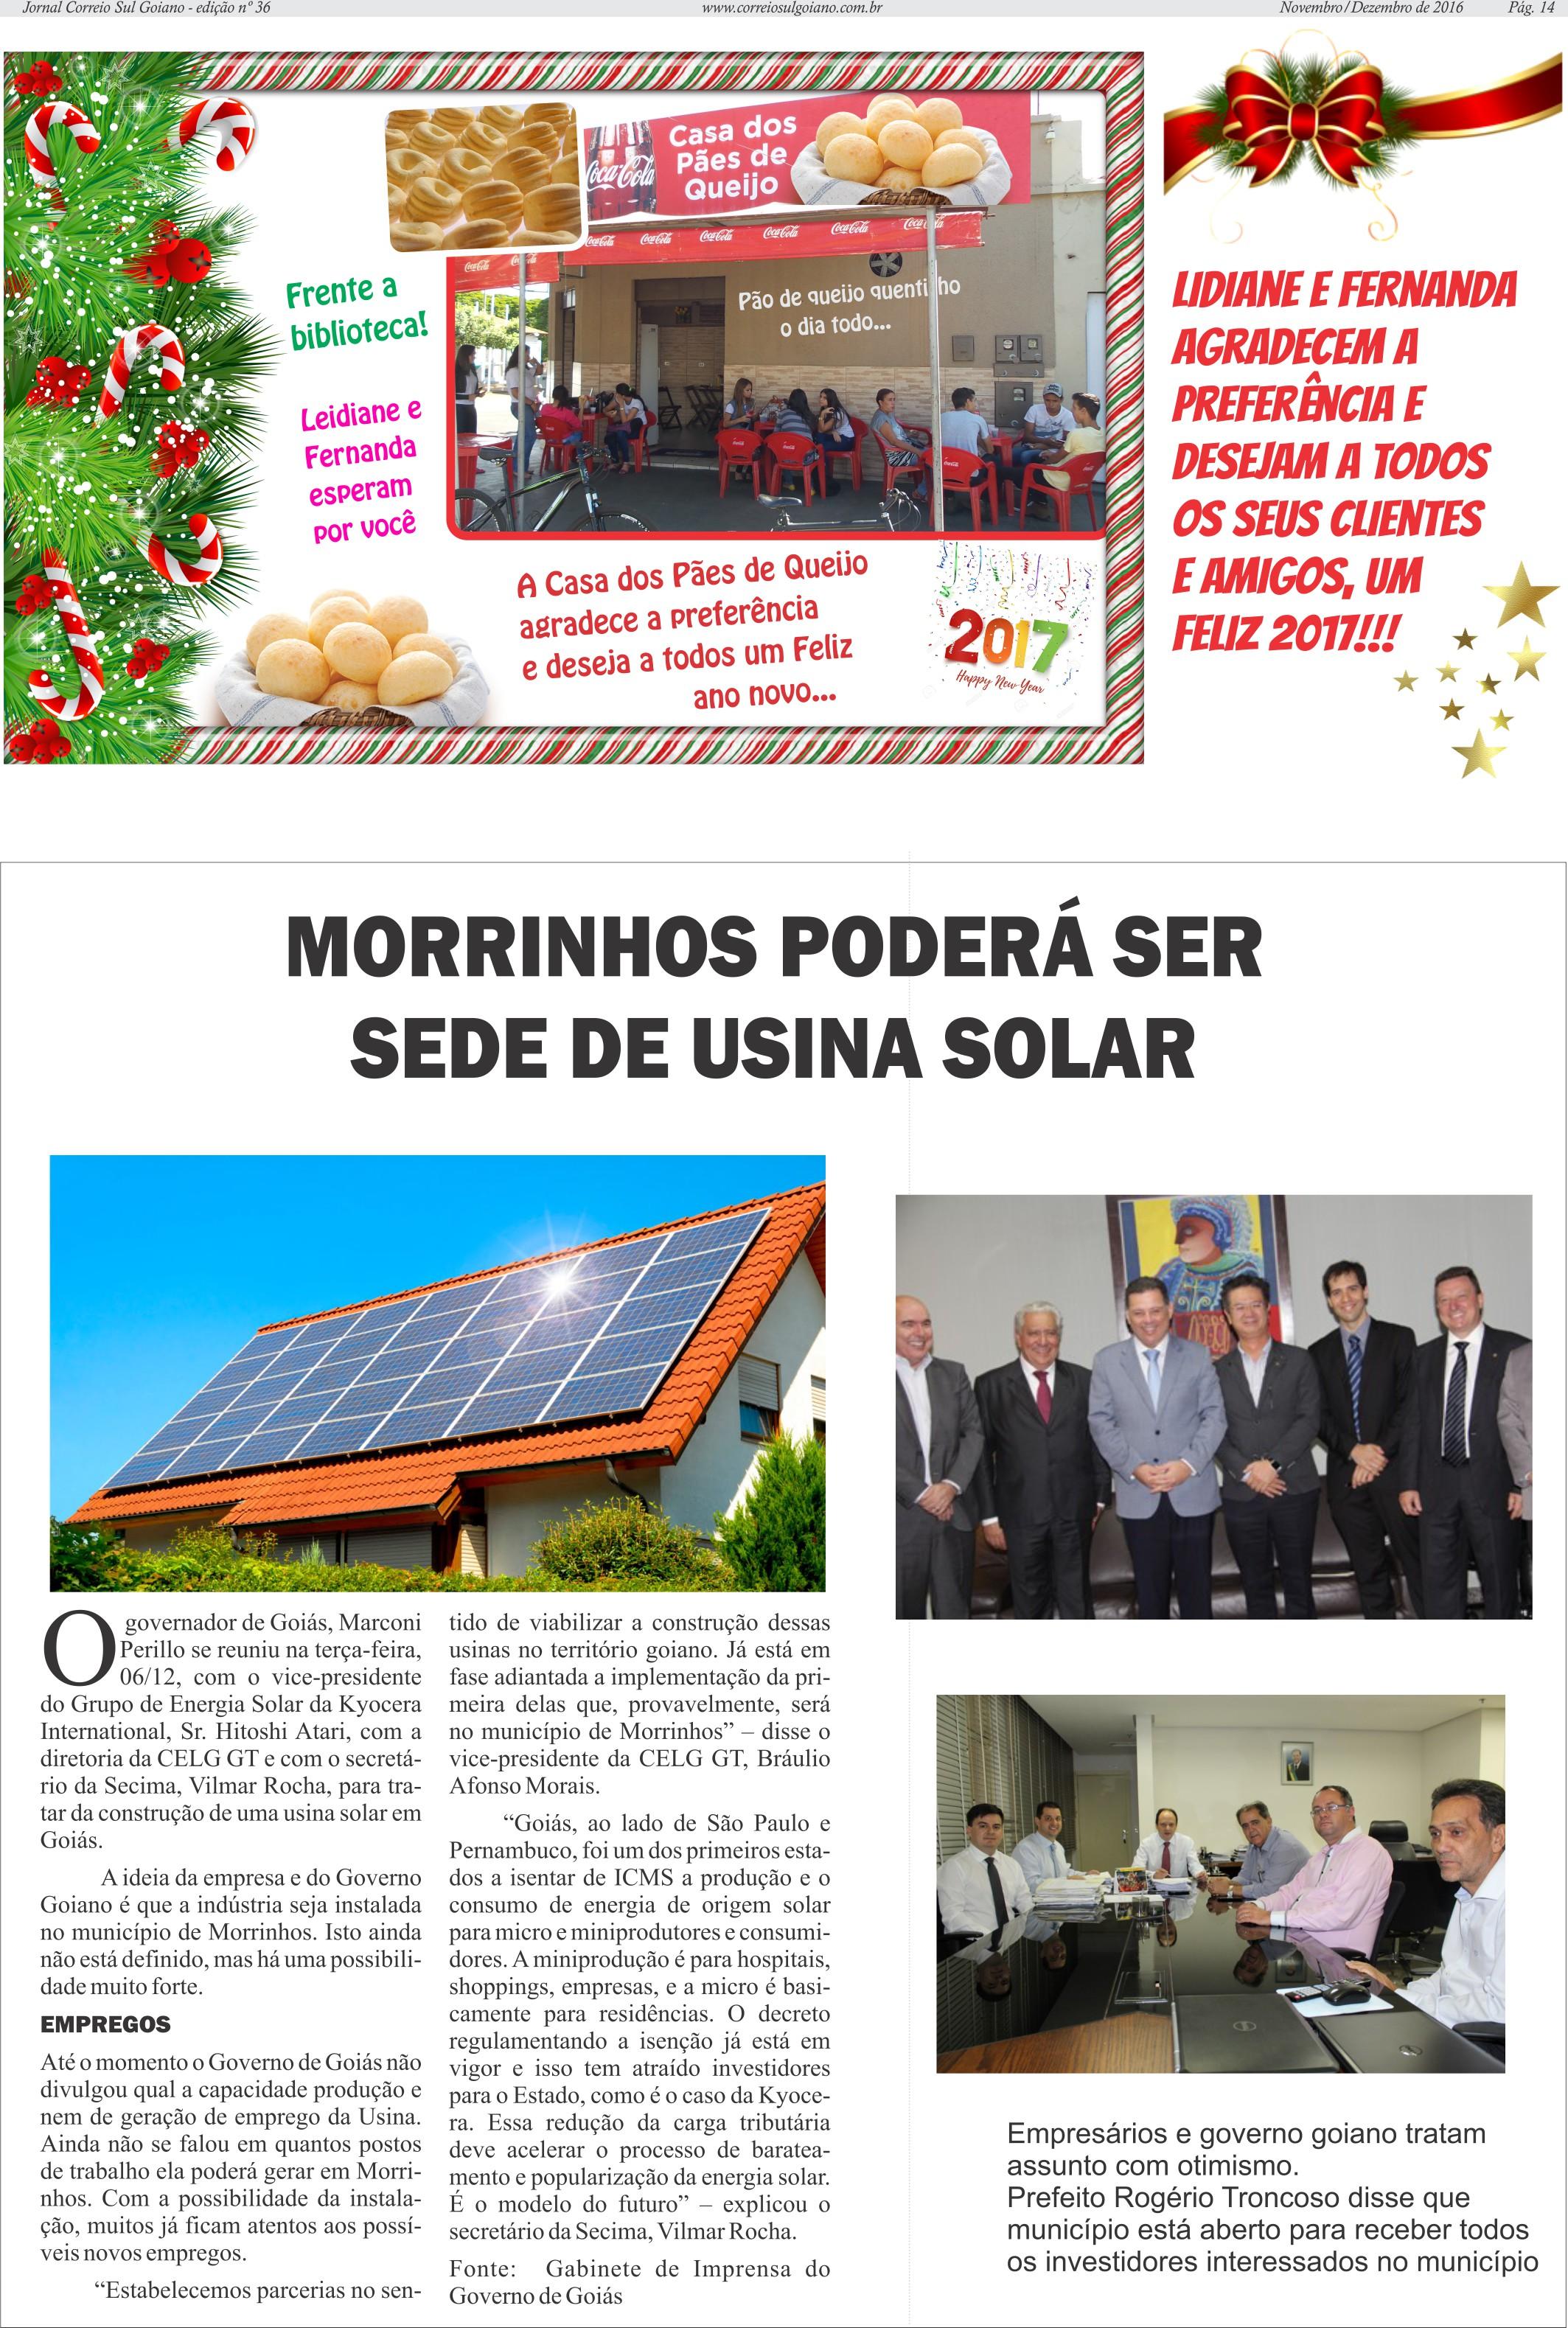 Edição nº 036 - Página 14